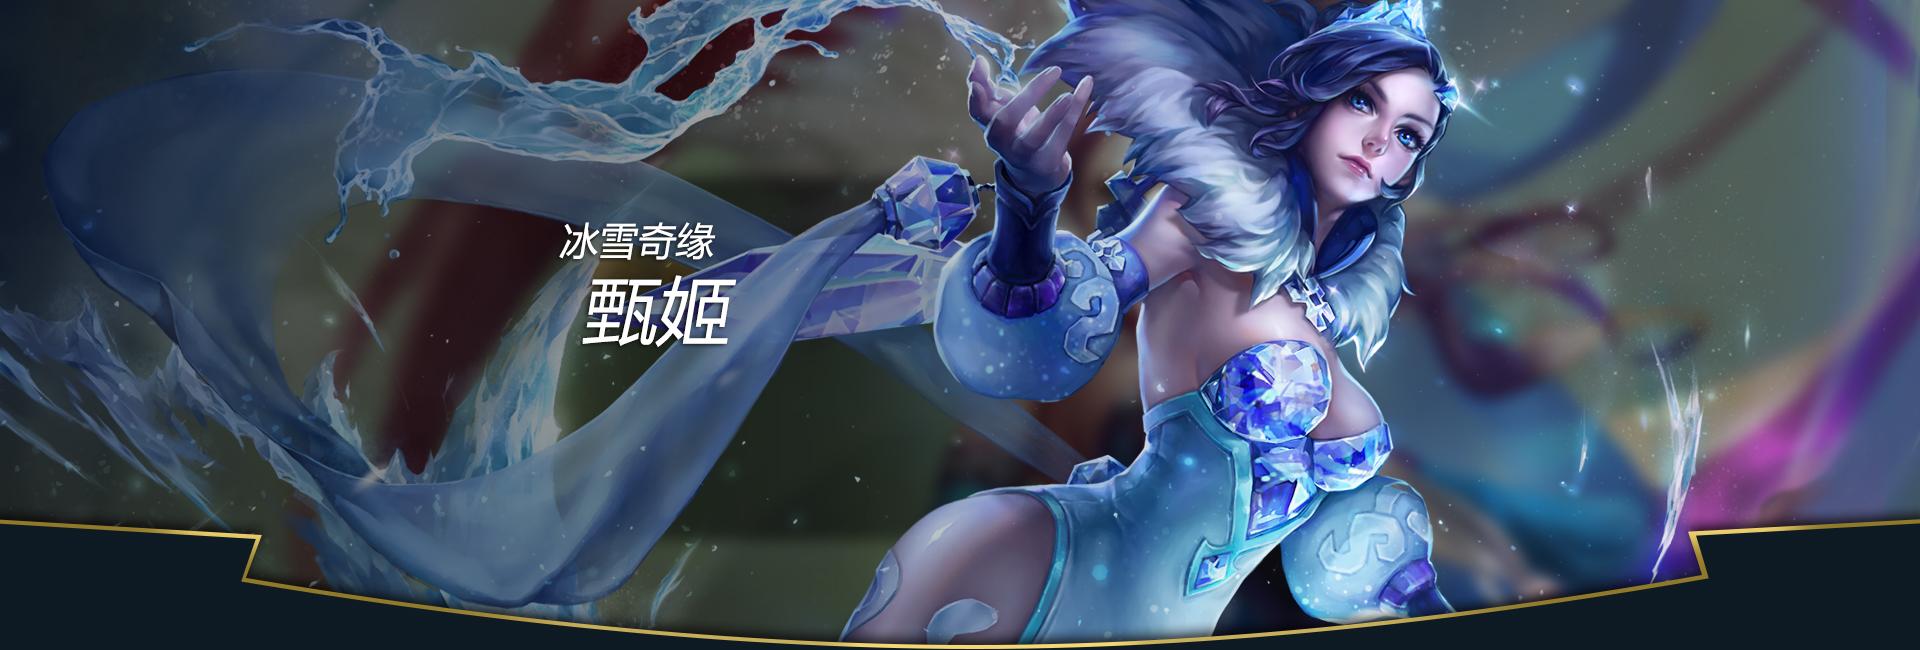 第2弹《王者荣耀英雄皮肤CG》竞技游戏141